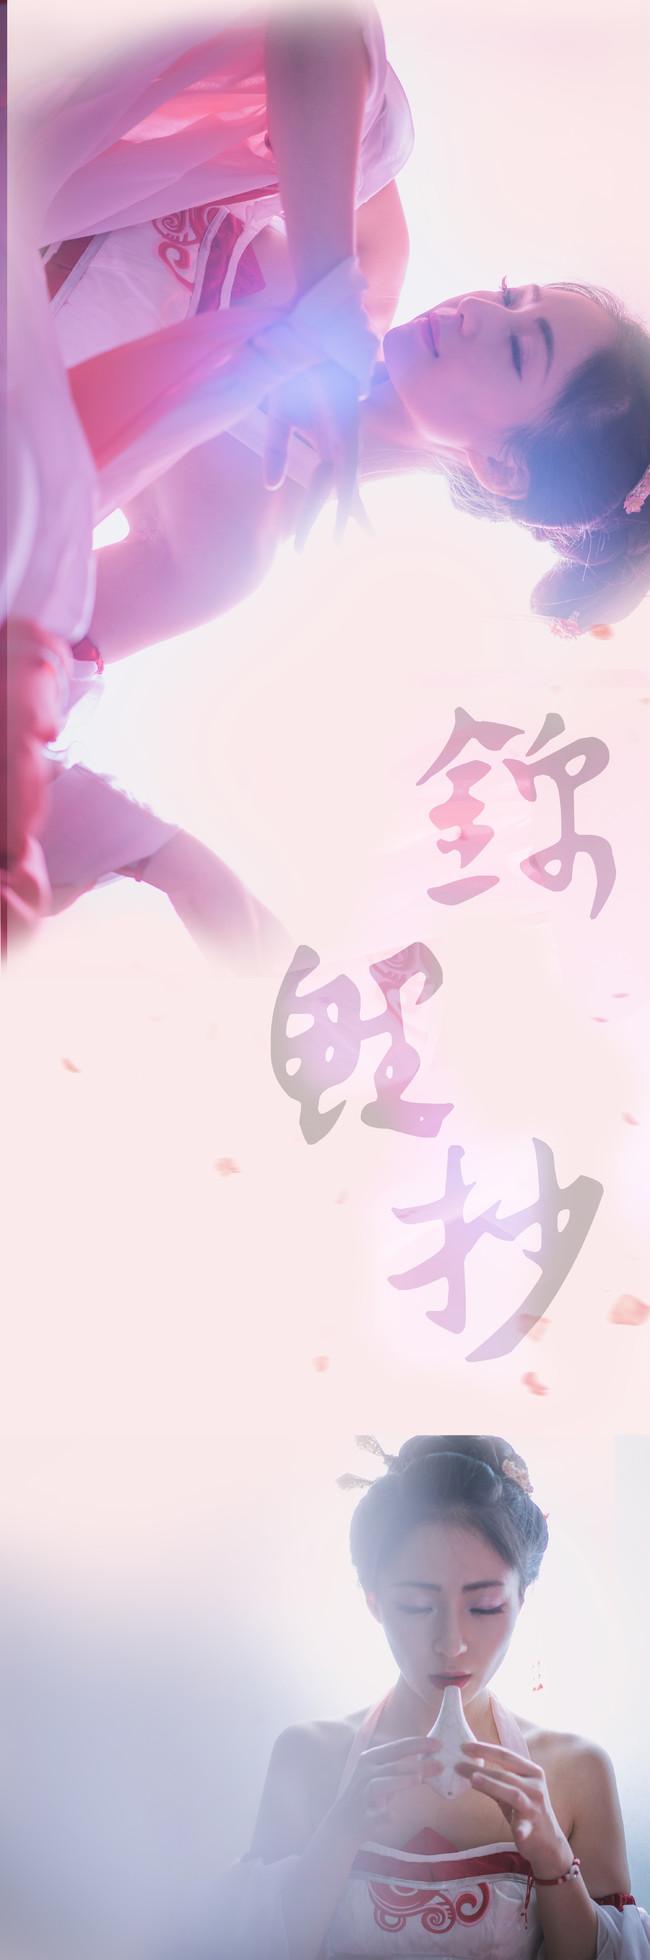 【cos正片】锦鲤抄cos欣赏 cn:水为卿澈 cosplay-第3张